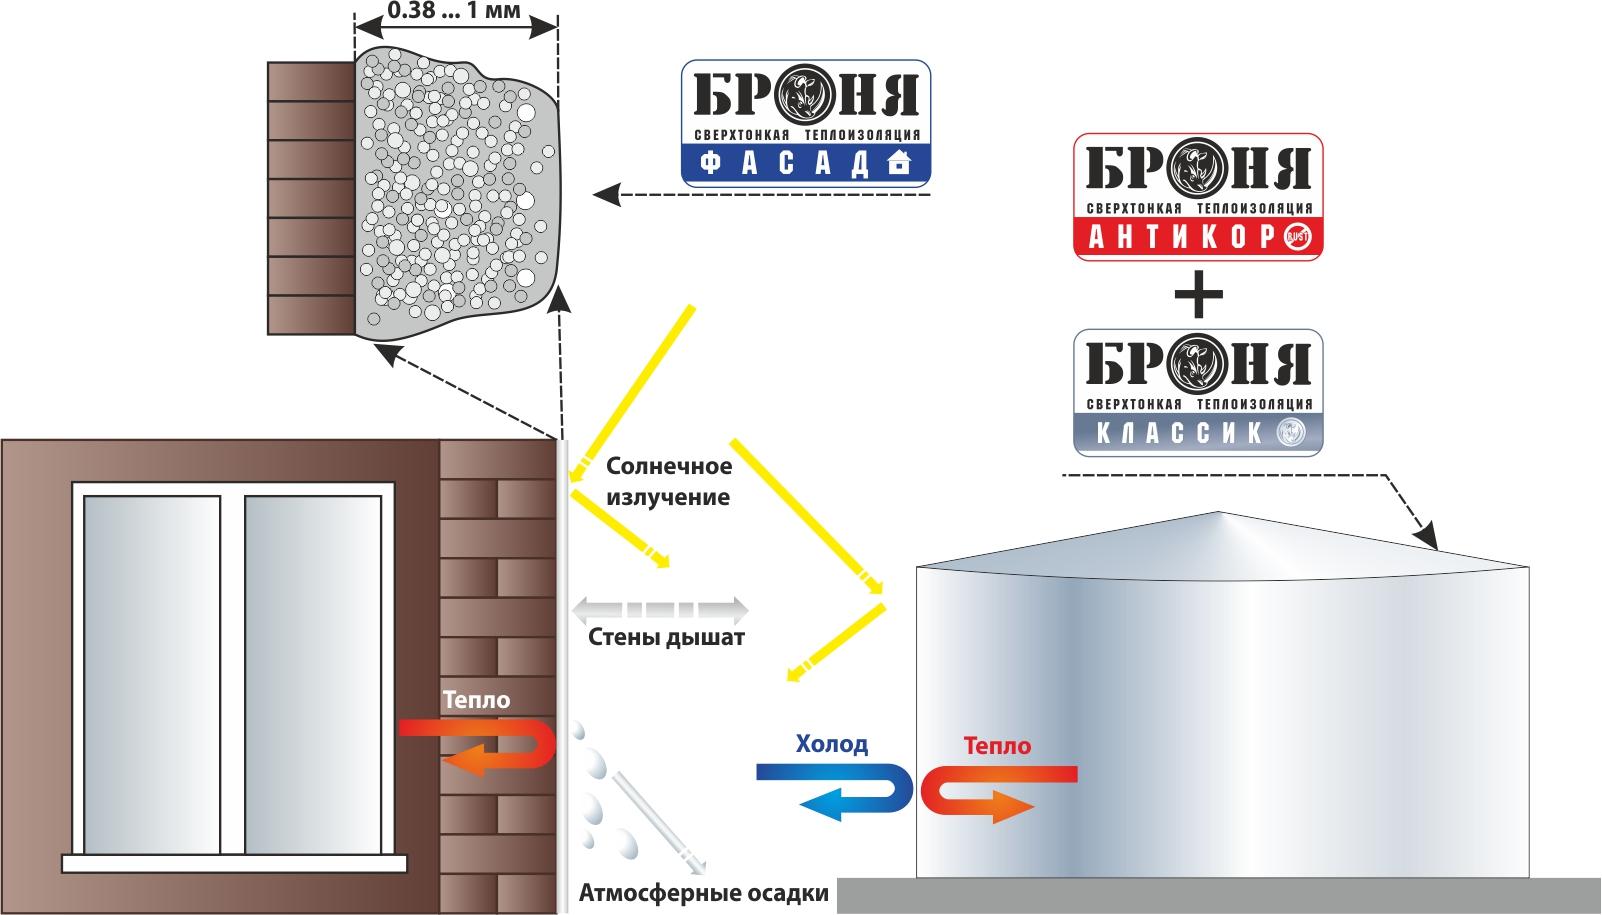 Теплоизоляция броня: 4 фишки, которые нужно знать